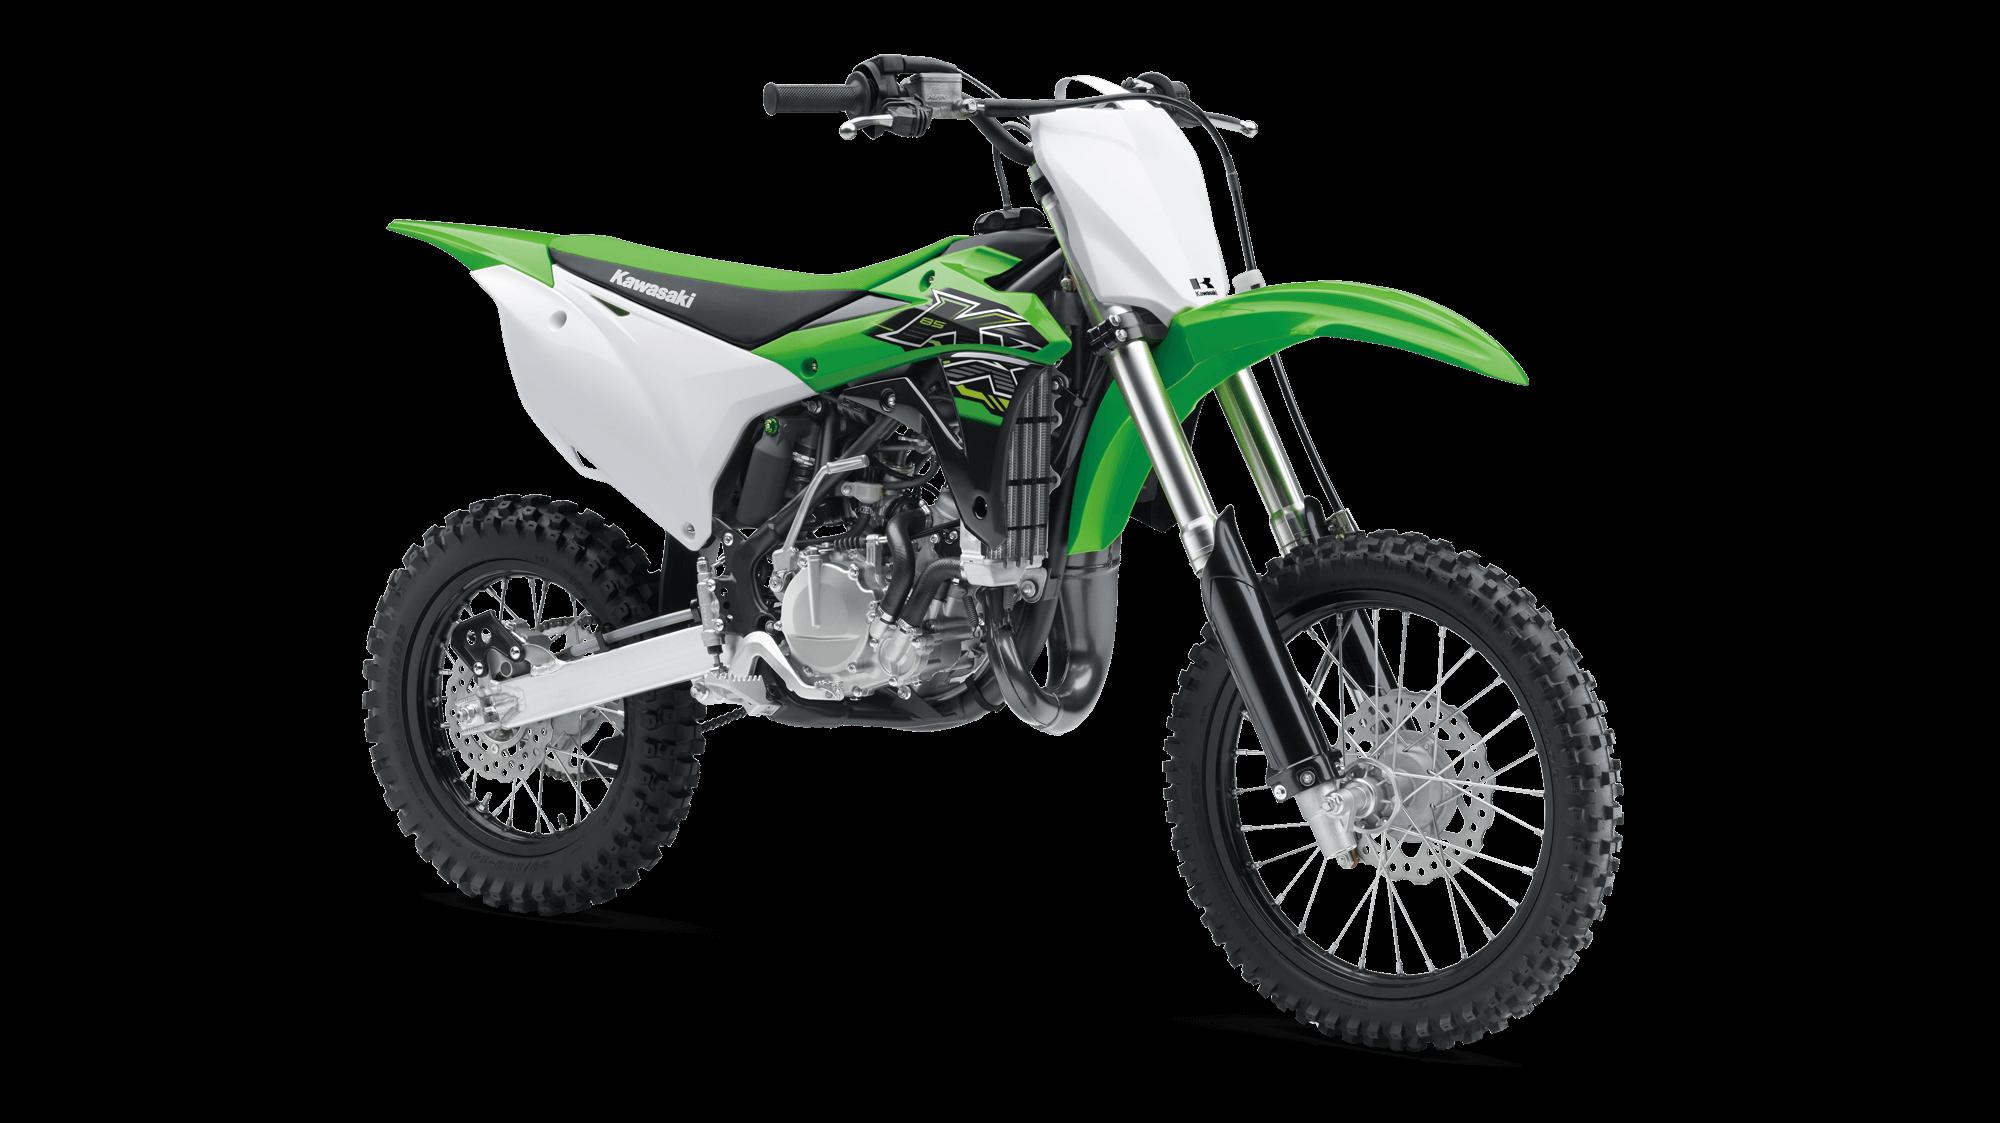 2019 KX™85 KX™ Motorcycle by Kawasaki